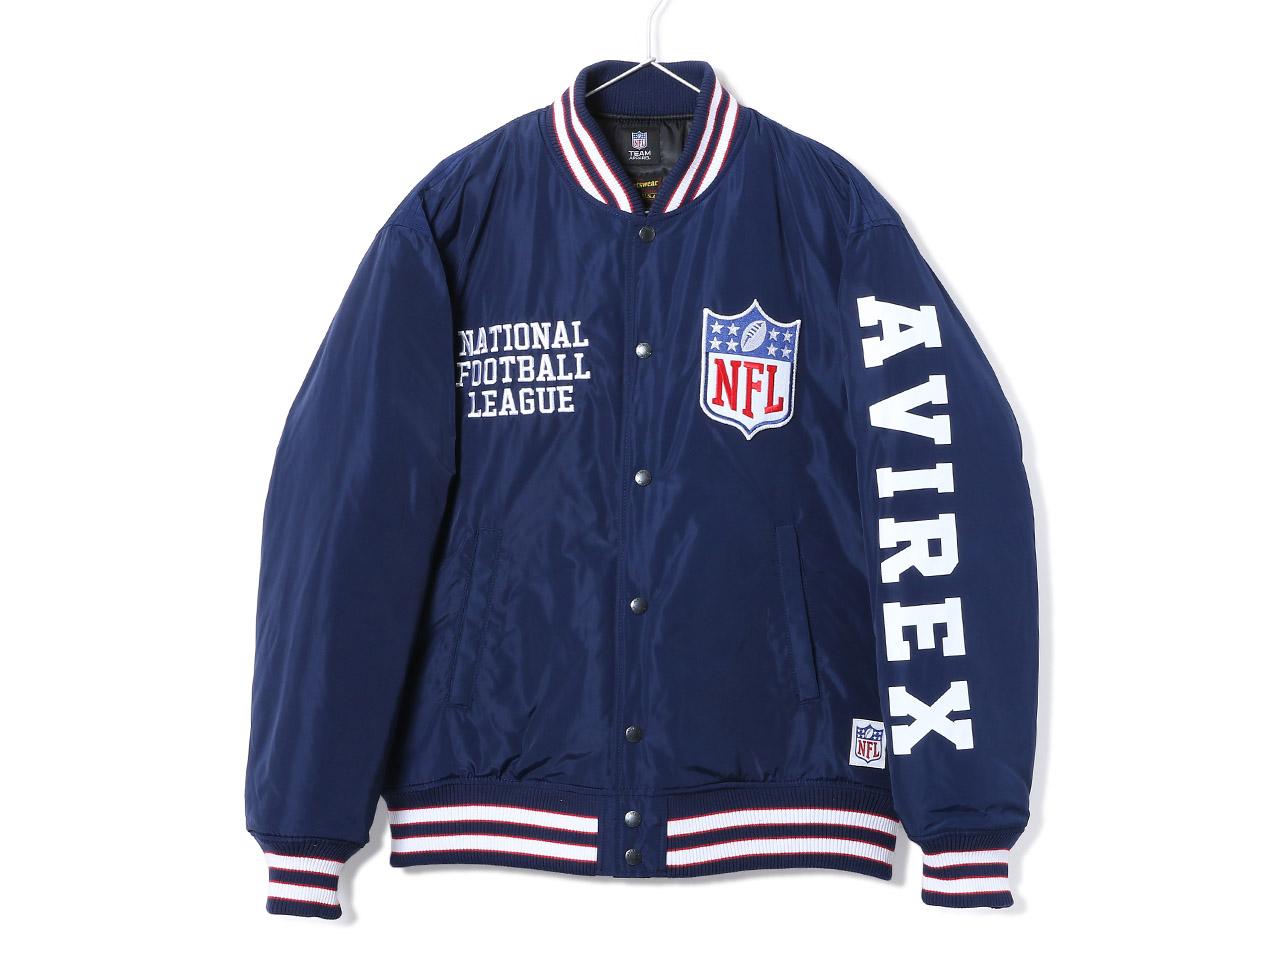 AVIREX NFL STADIUM JUMPER NFL(6192180)【アヴィレックス】【メンズファッション】【アウター】【ジャケット】【スタジャン】【レイダース】【NFL】